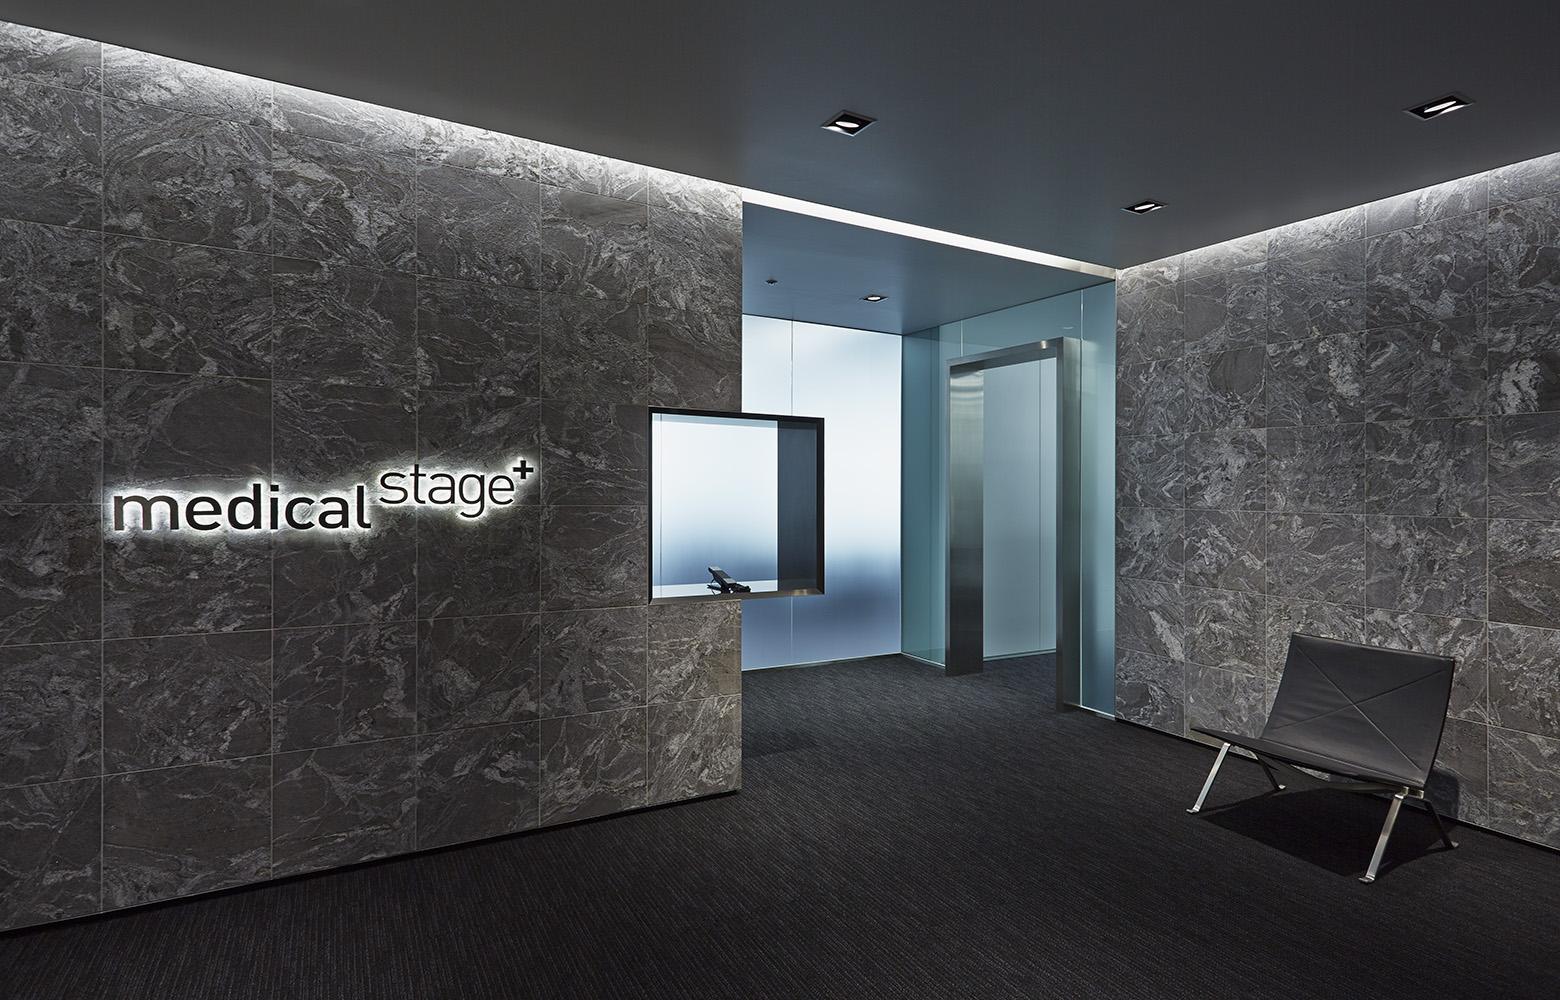 株式会社メディカル・ステージ Entrance_2 デザイン・レイアウト事例